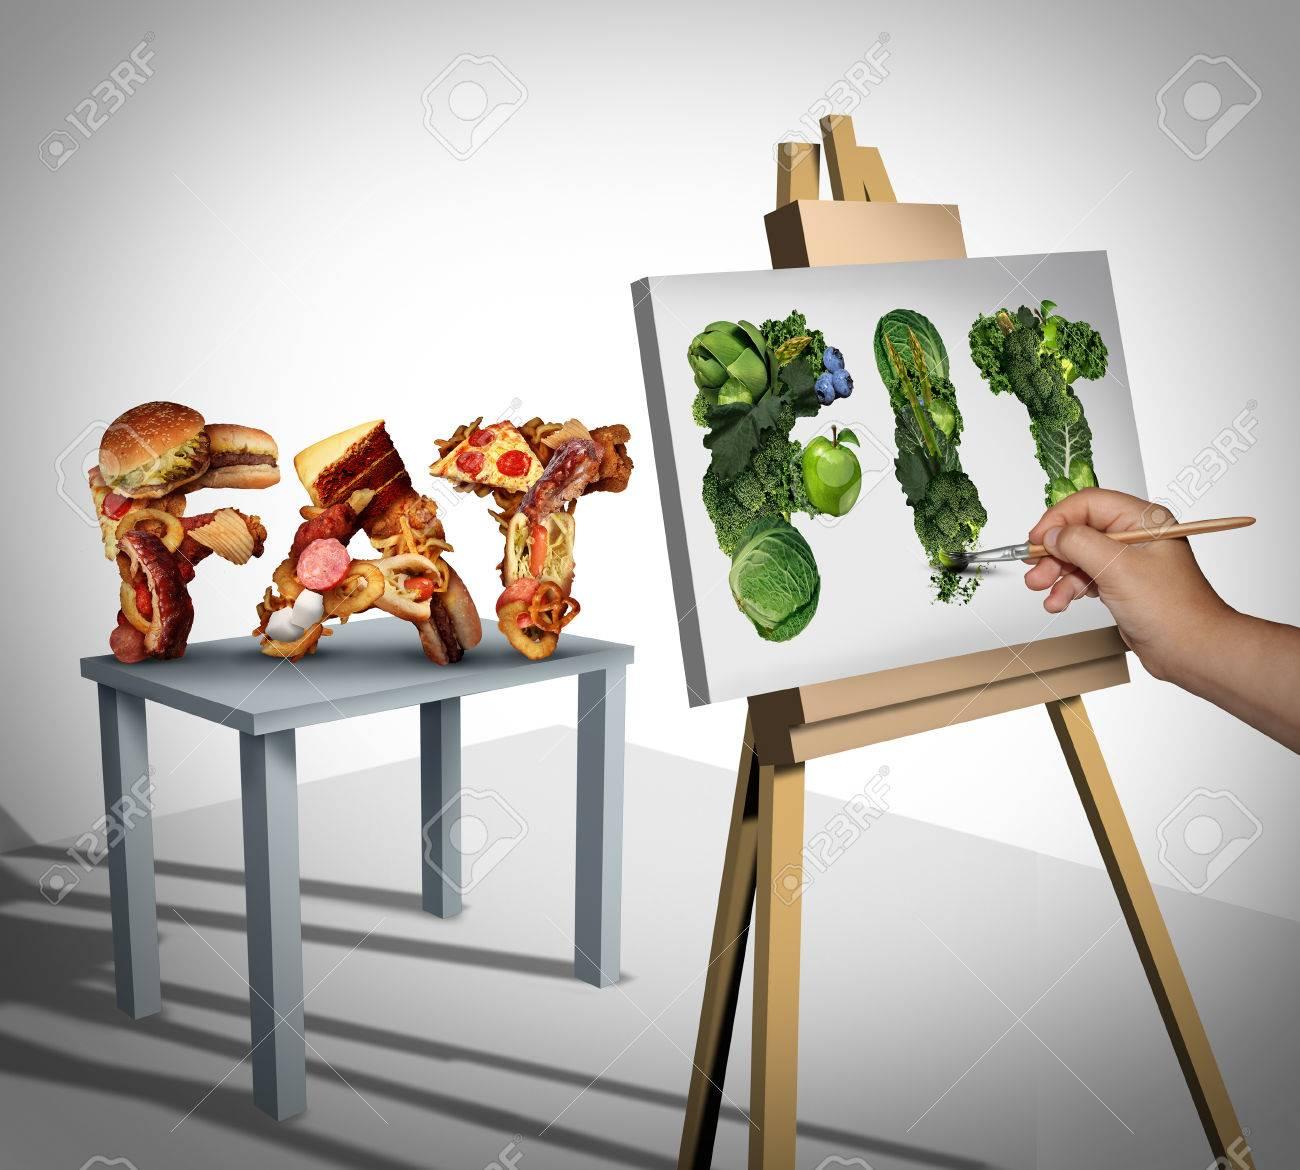 Abnehmen Fokus Und Wechselnden Ernährung Lebensstil Ziele Als Person ...